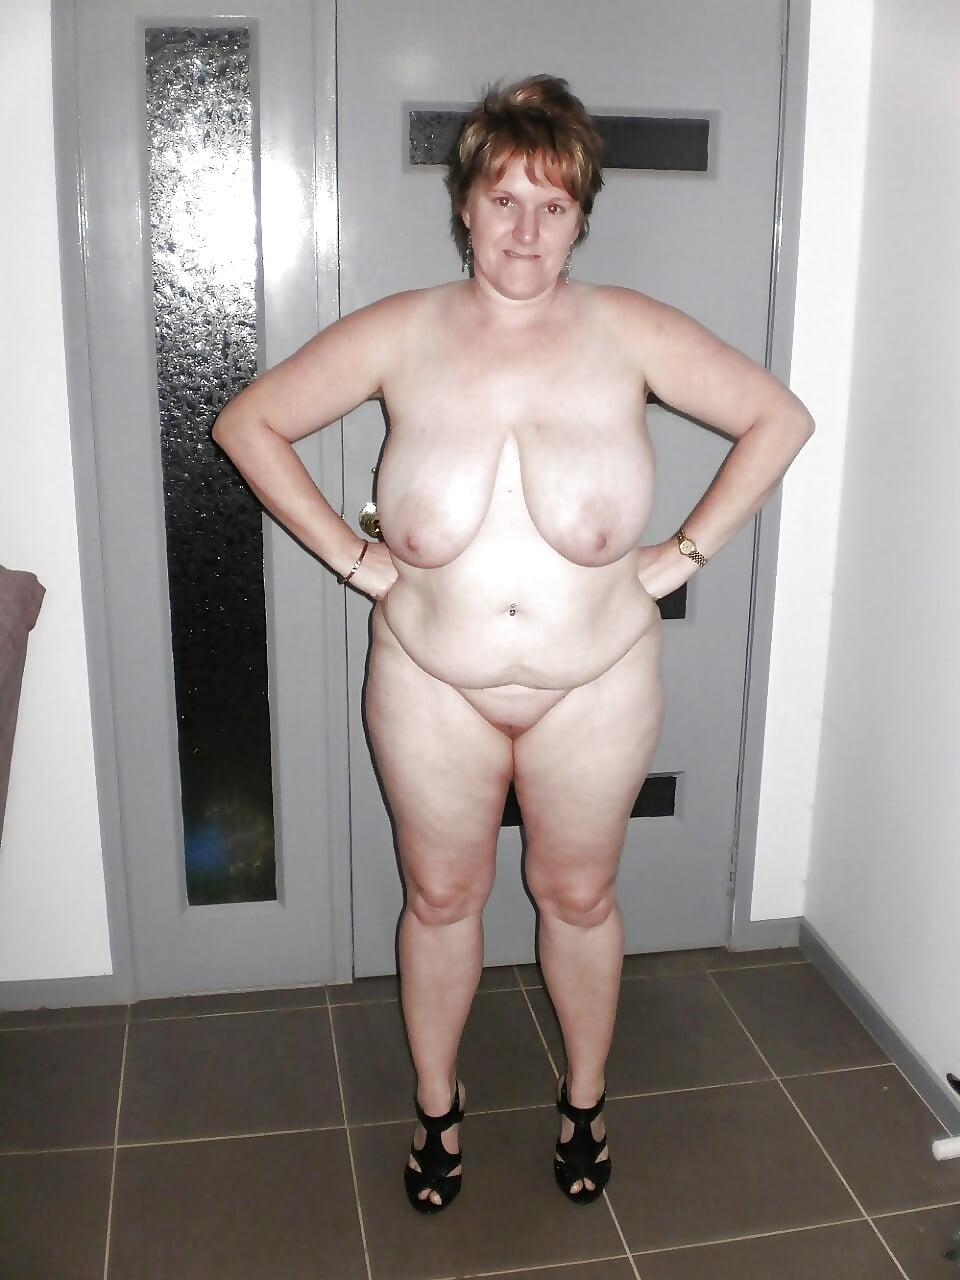 Дрочит себе фото голые толстые матюры пришел